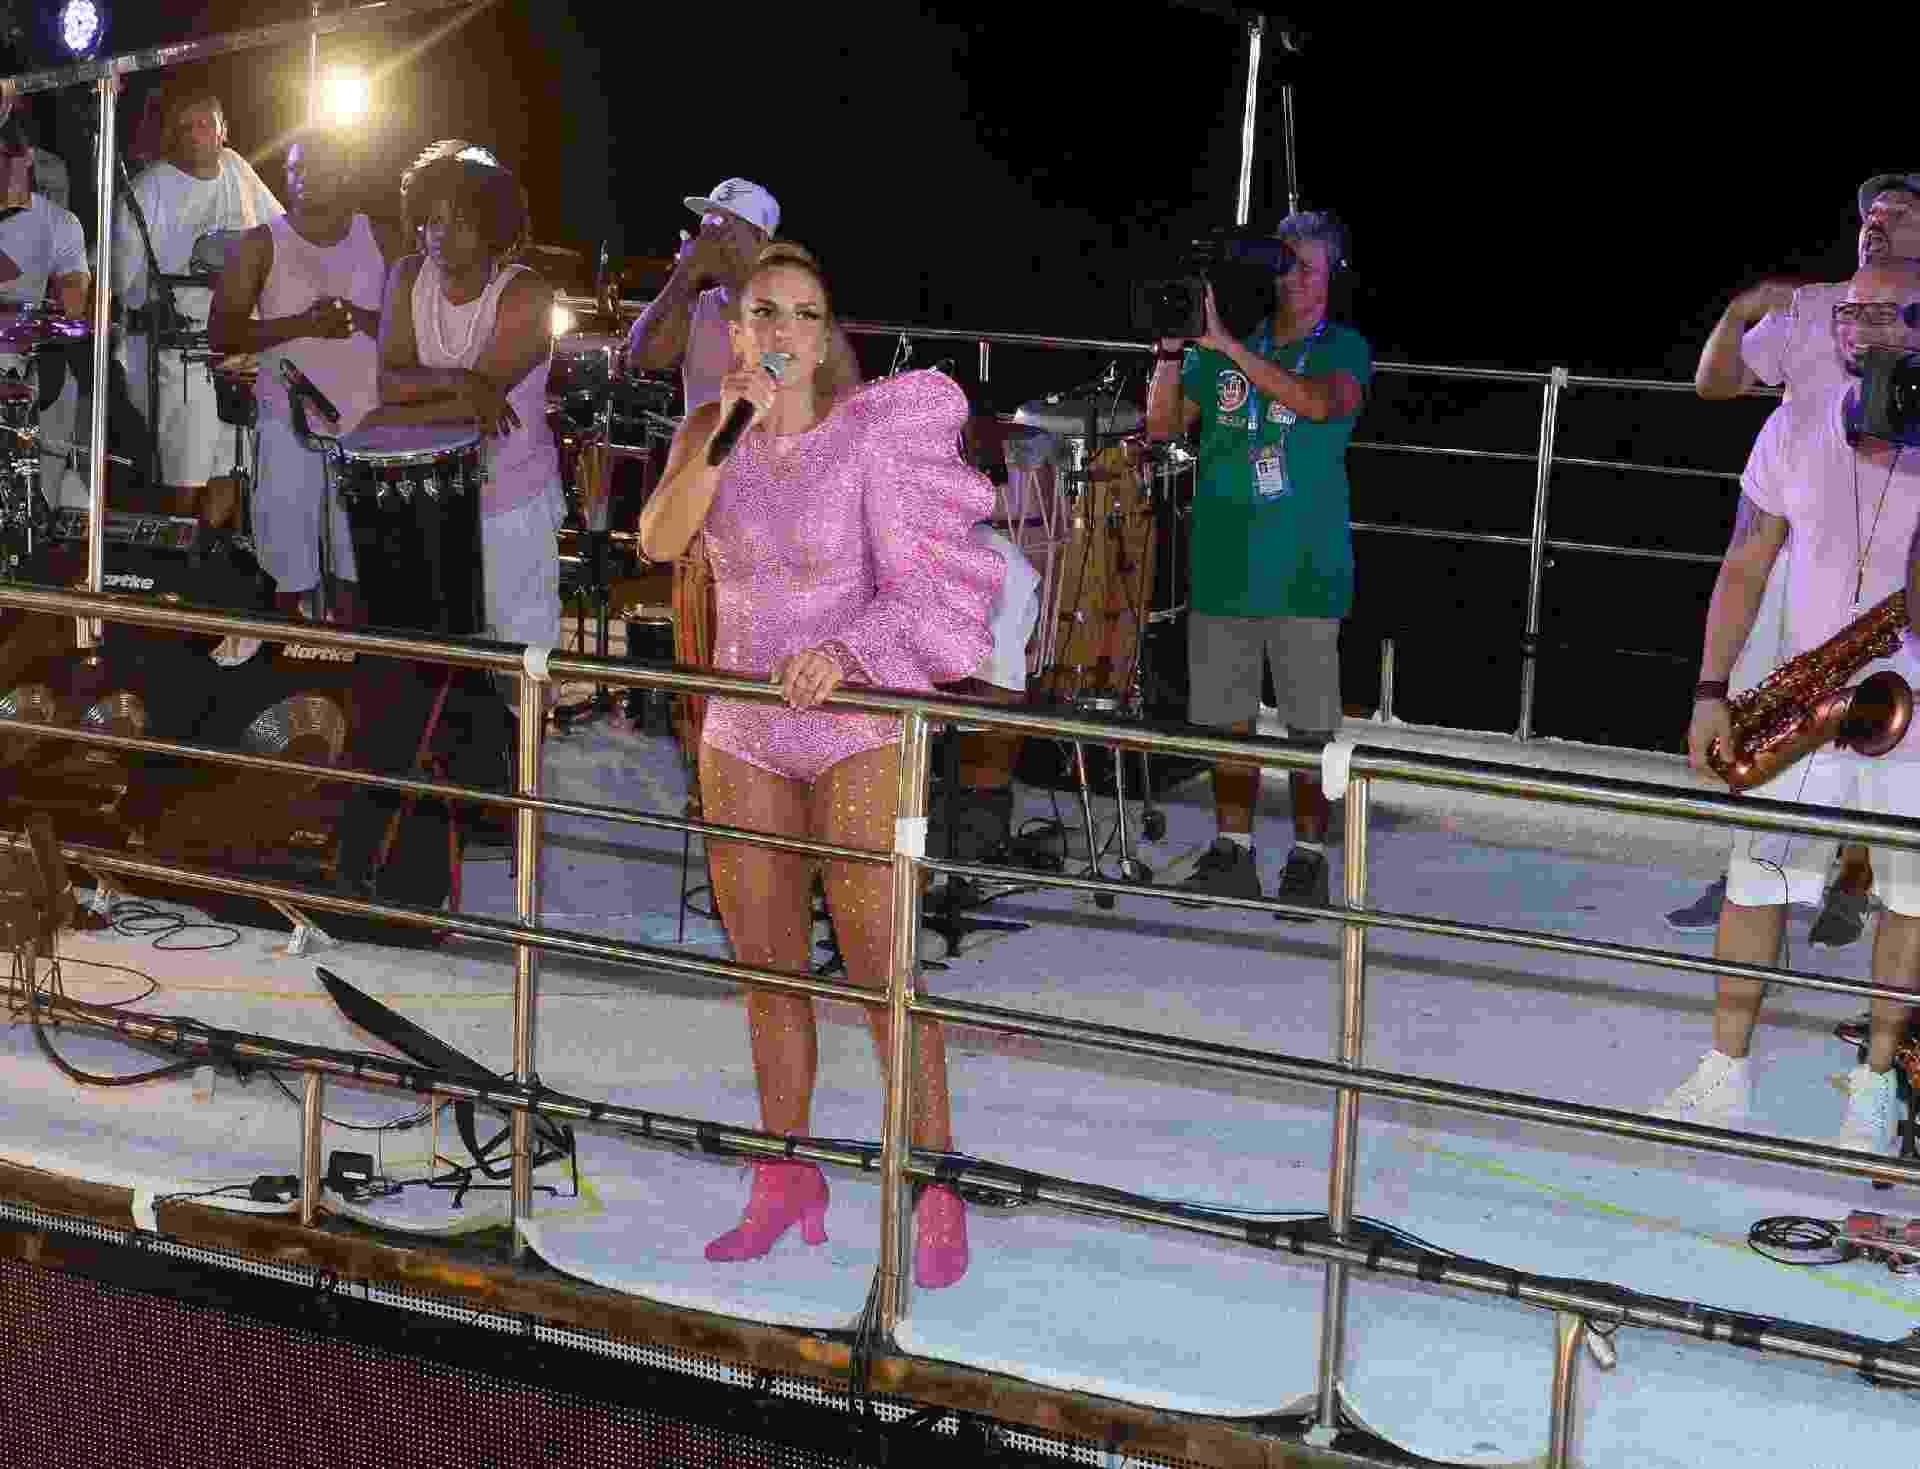 23.fev.2017 - Ivete Sangalo chega para comandar trio no Circuito Barra-Ondina, no Carnaval de Salvador - Francisco Cepeda/AgNews